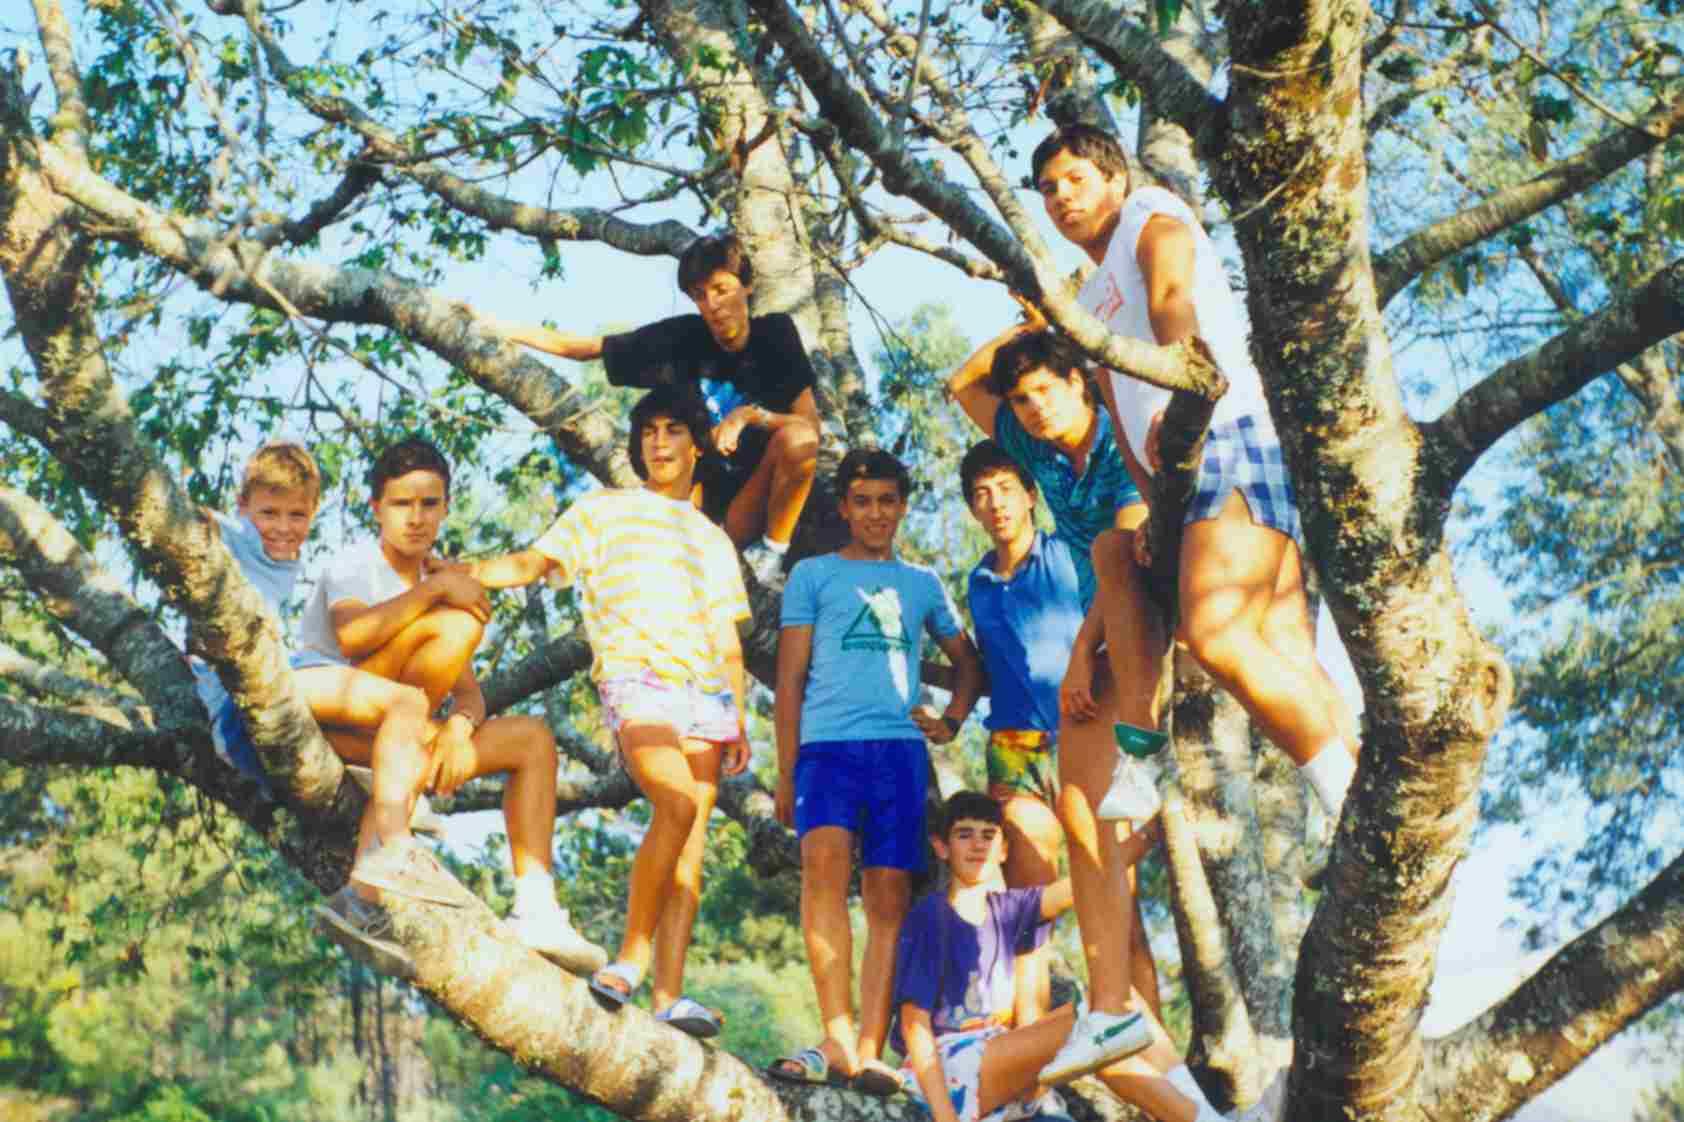 Juventude do Monte Frio em cima da antiga cerejeira da escola em Agosto de 1988